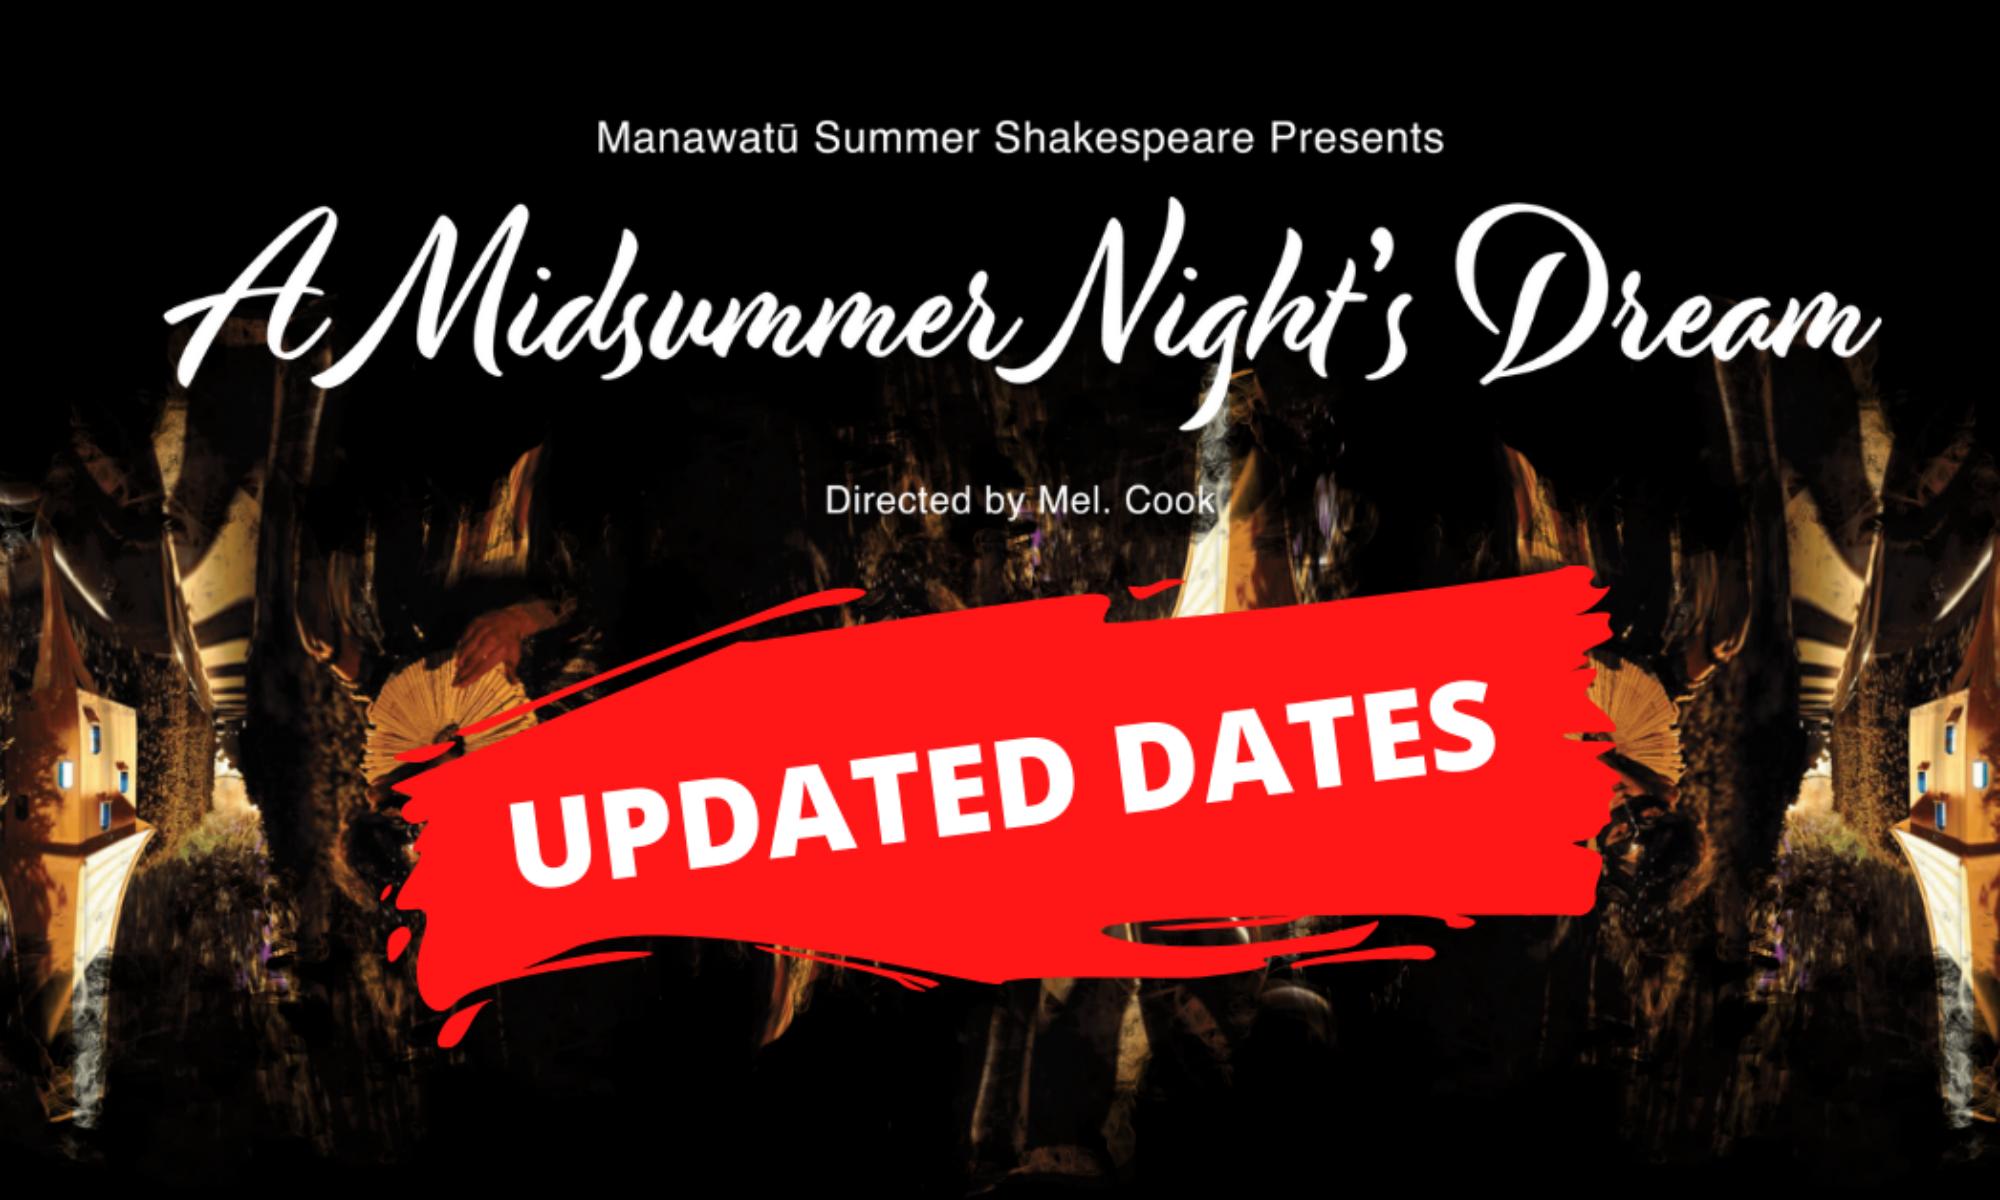 Manawatū Summer Shakespeare